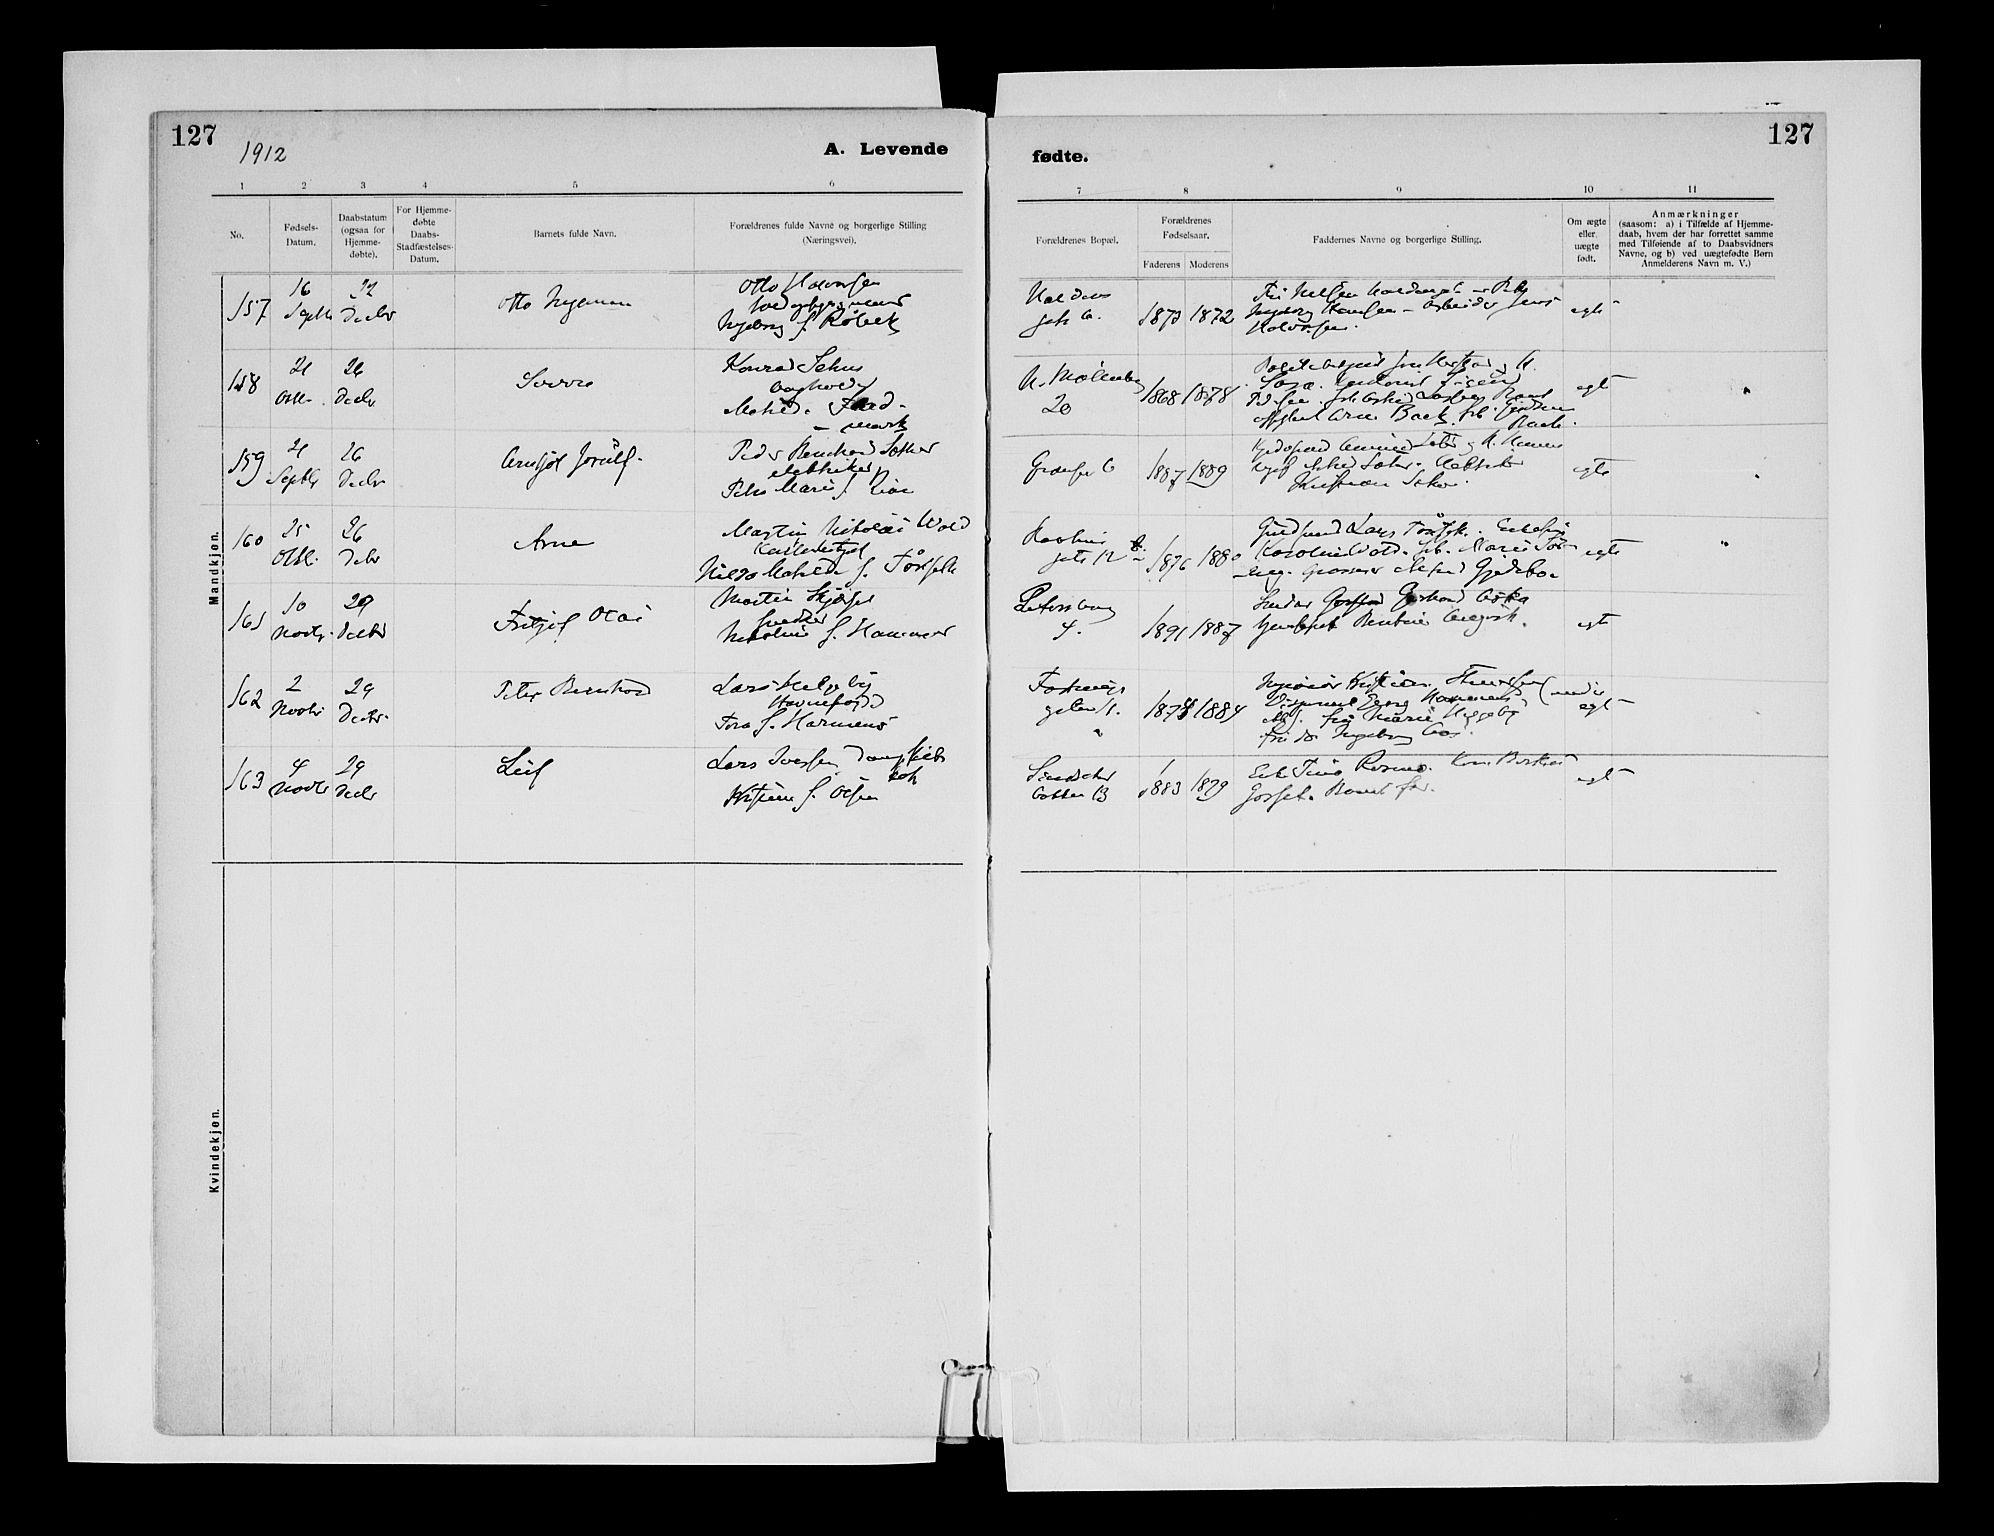 SAT, Ministerialprotokoller, klokkerbøker og fødselsregistre - Sør-Trøndelag, 604/L0203: Ministerialbok nr. 604A23, 1908-1916, s. 127